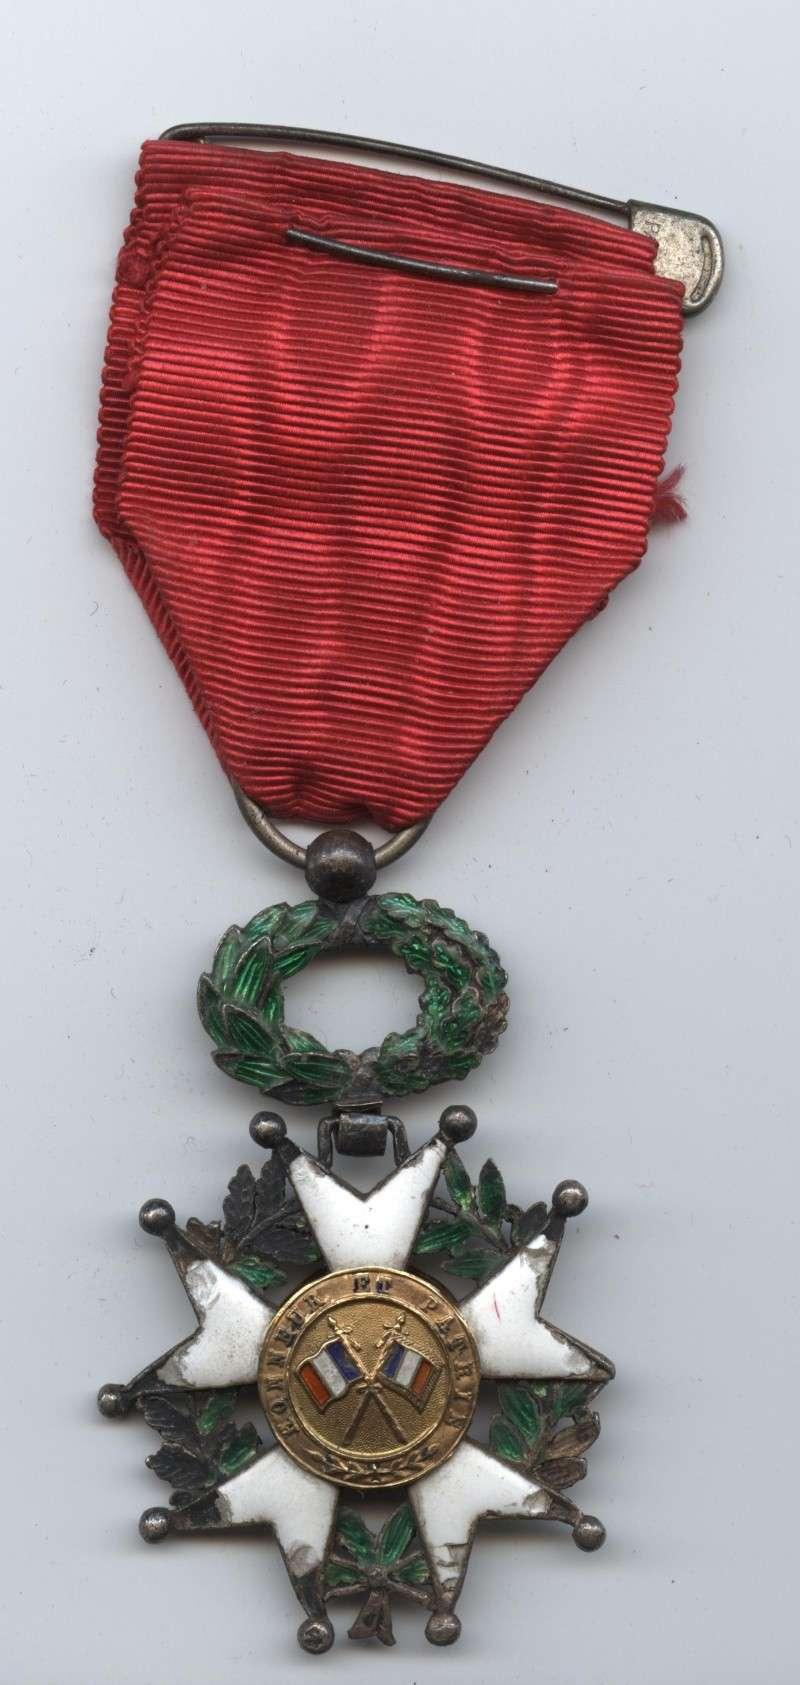 Une croix de la Légion d'Honneur de 1870 Lagion10